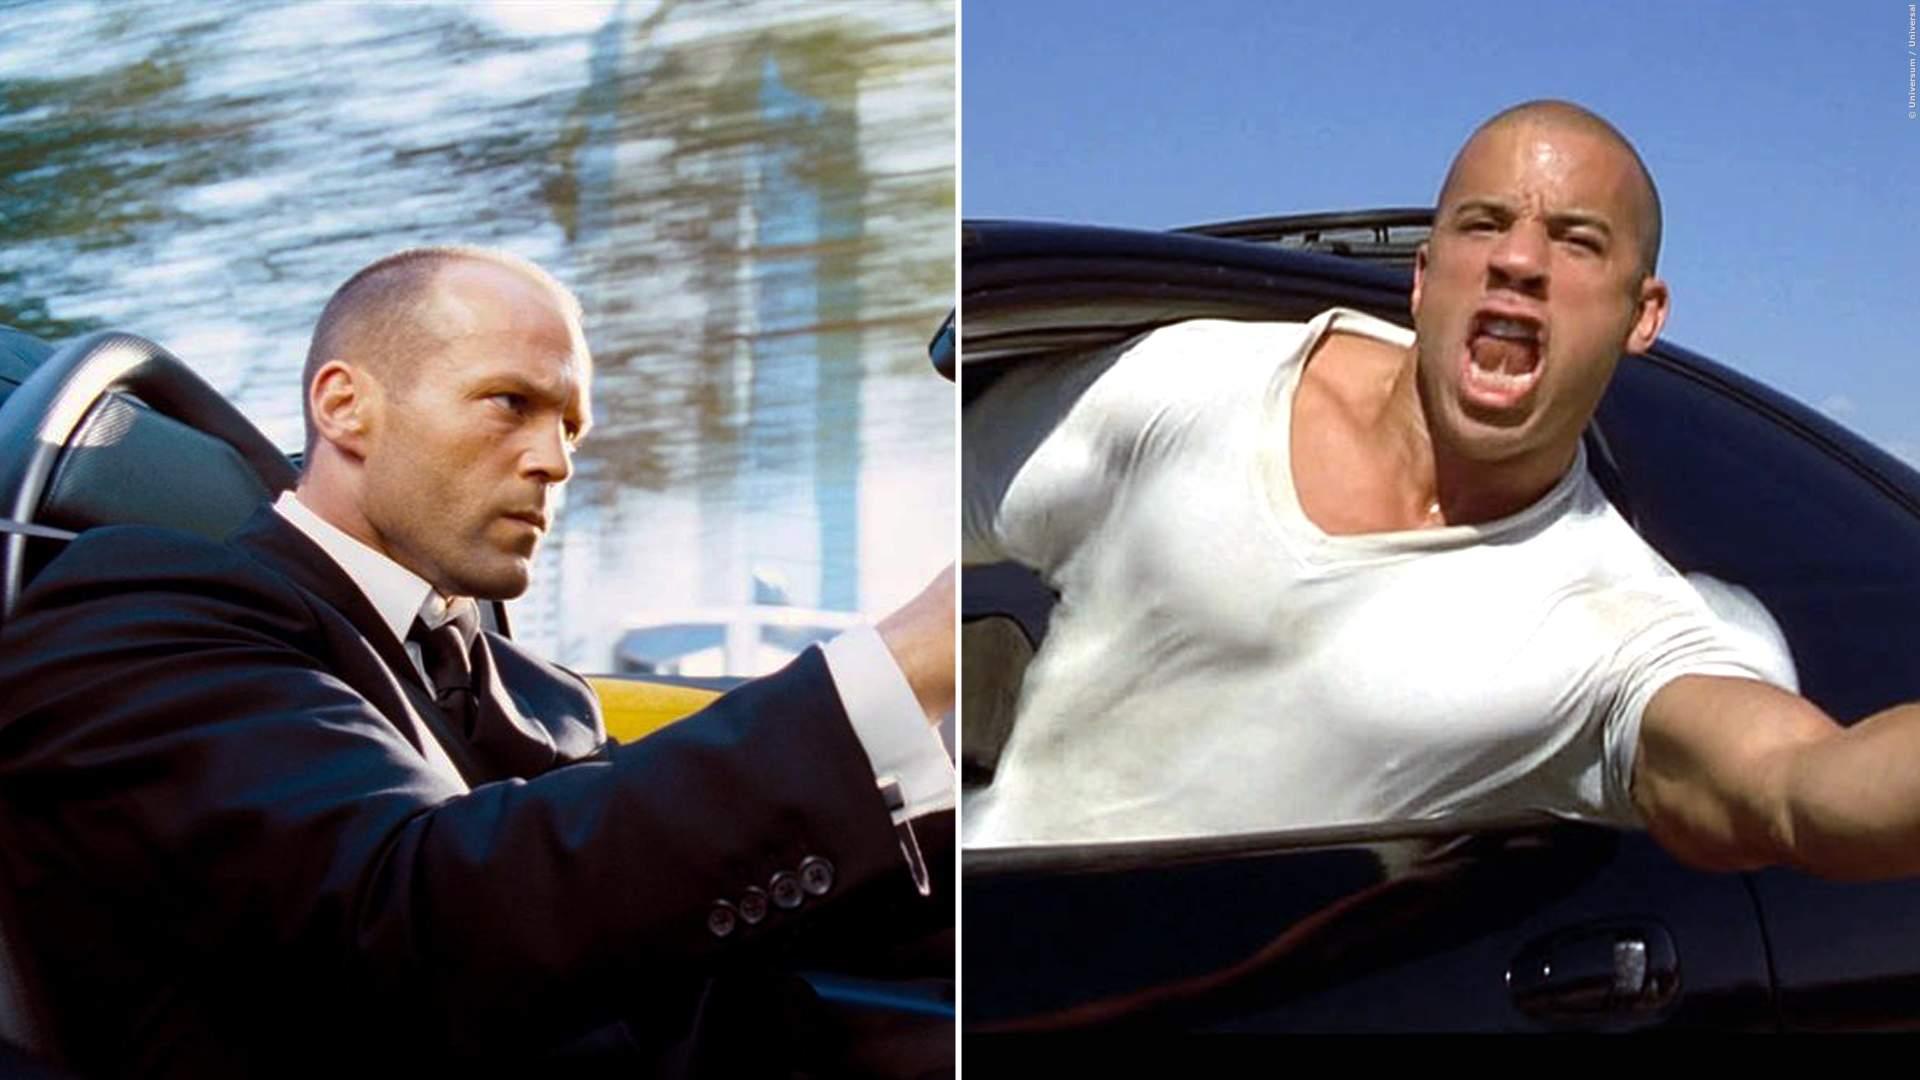 QUIZ: 'Fast & Furious' oder 'Transporter' - Erkennst du immer den Unterschied?